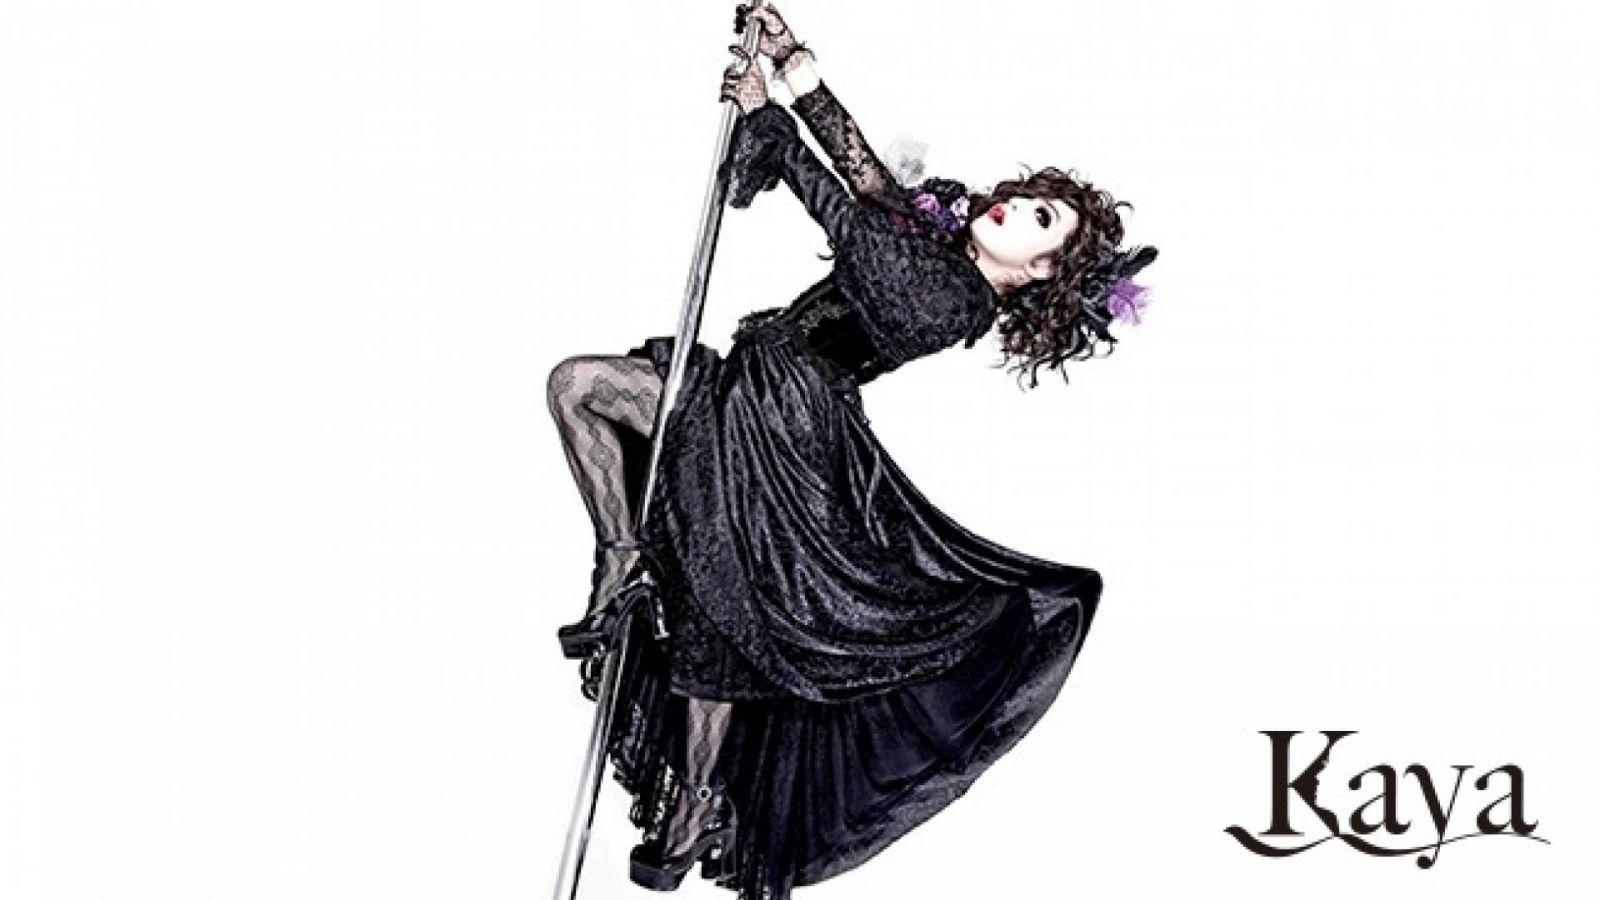 Novo single de Kaya © Kaya & Traumerei Inc.